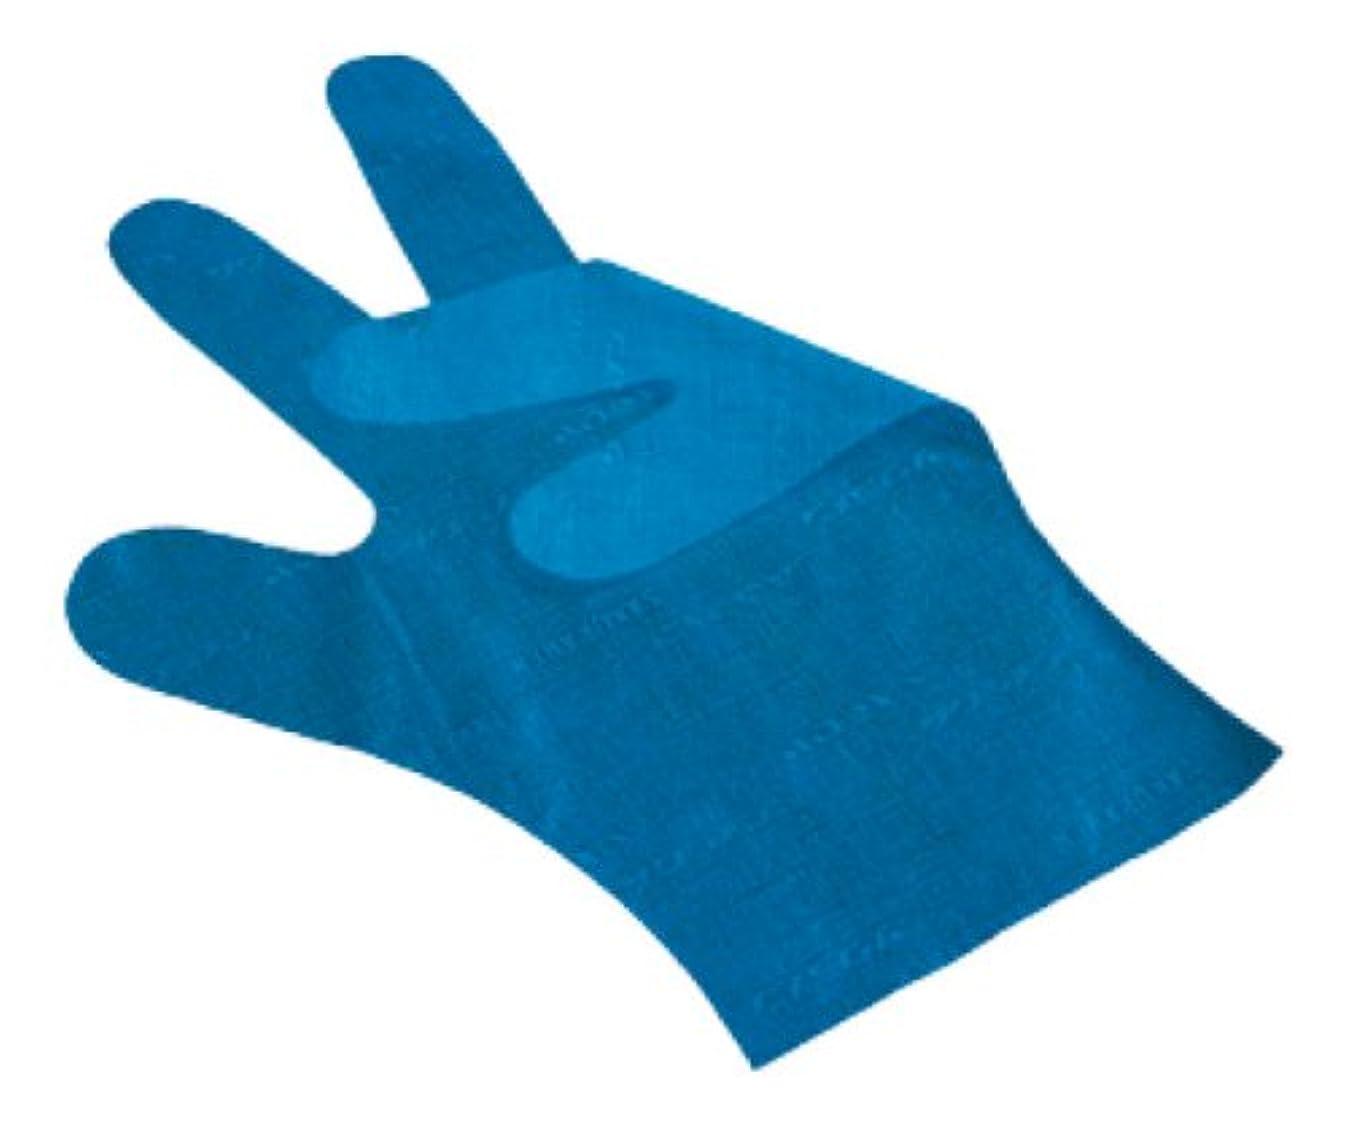 サクラメン手袋 デラックス(100枚入)L ブルー 35μ